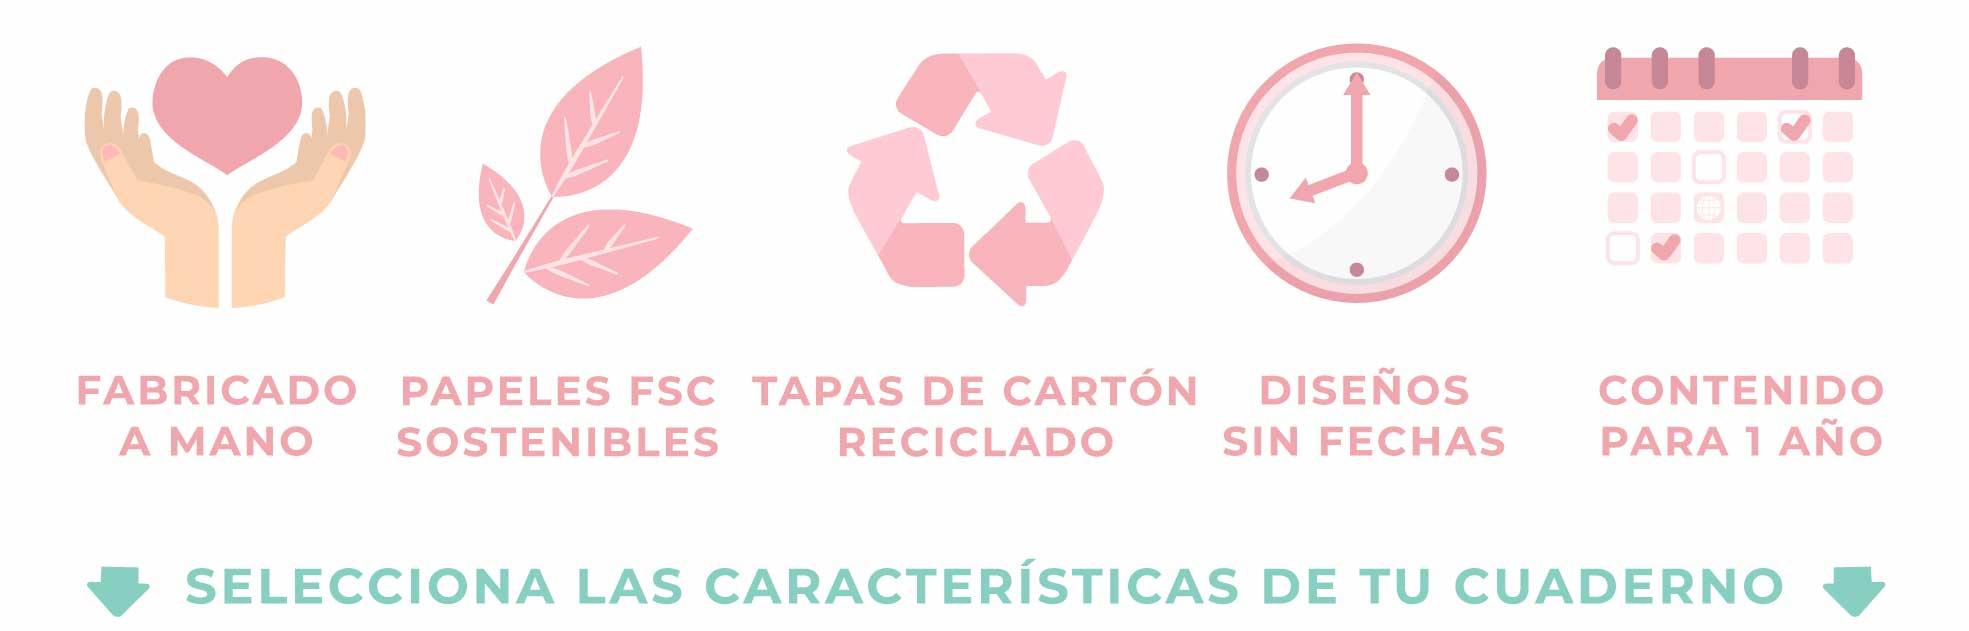 logos pagina de producto abiebrown_2.jpg